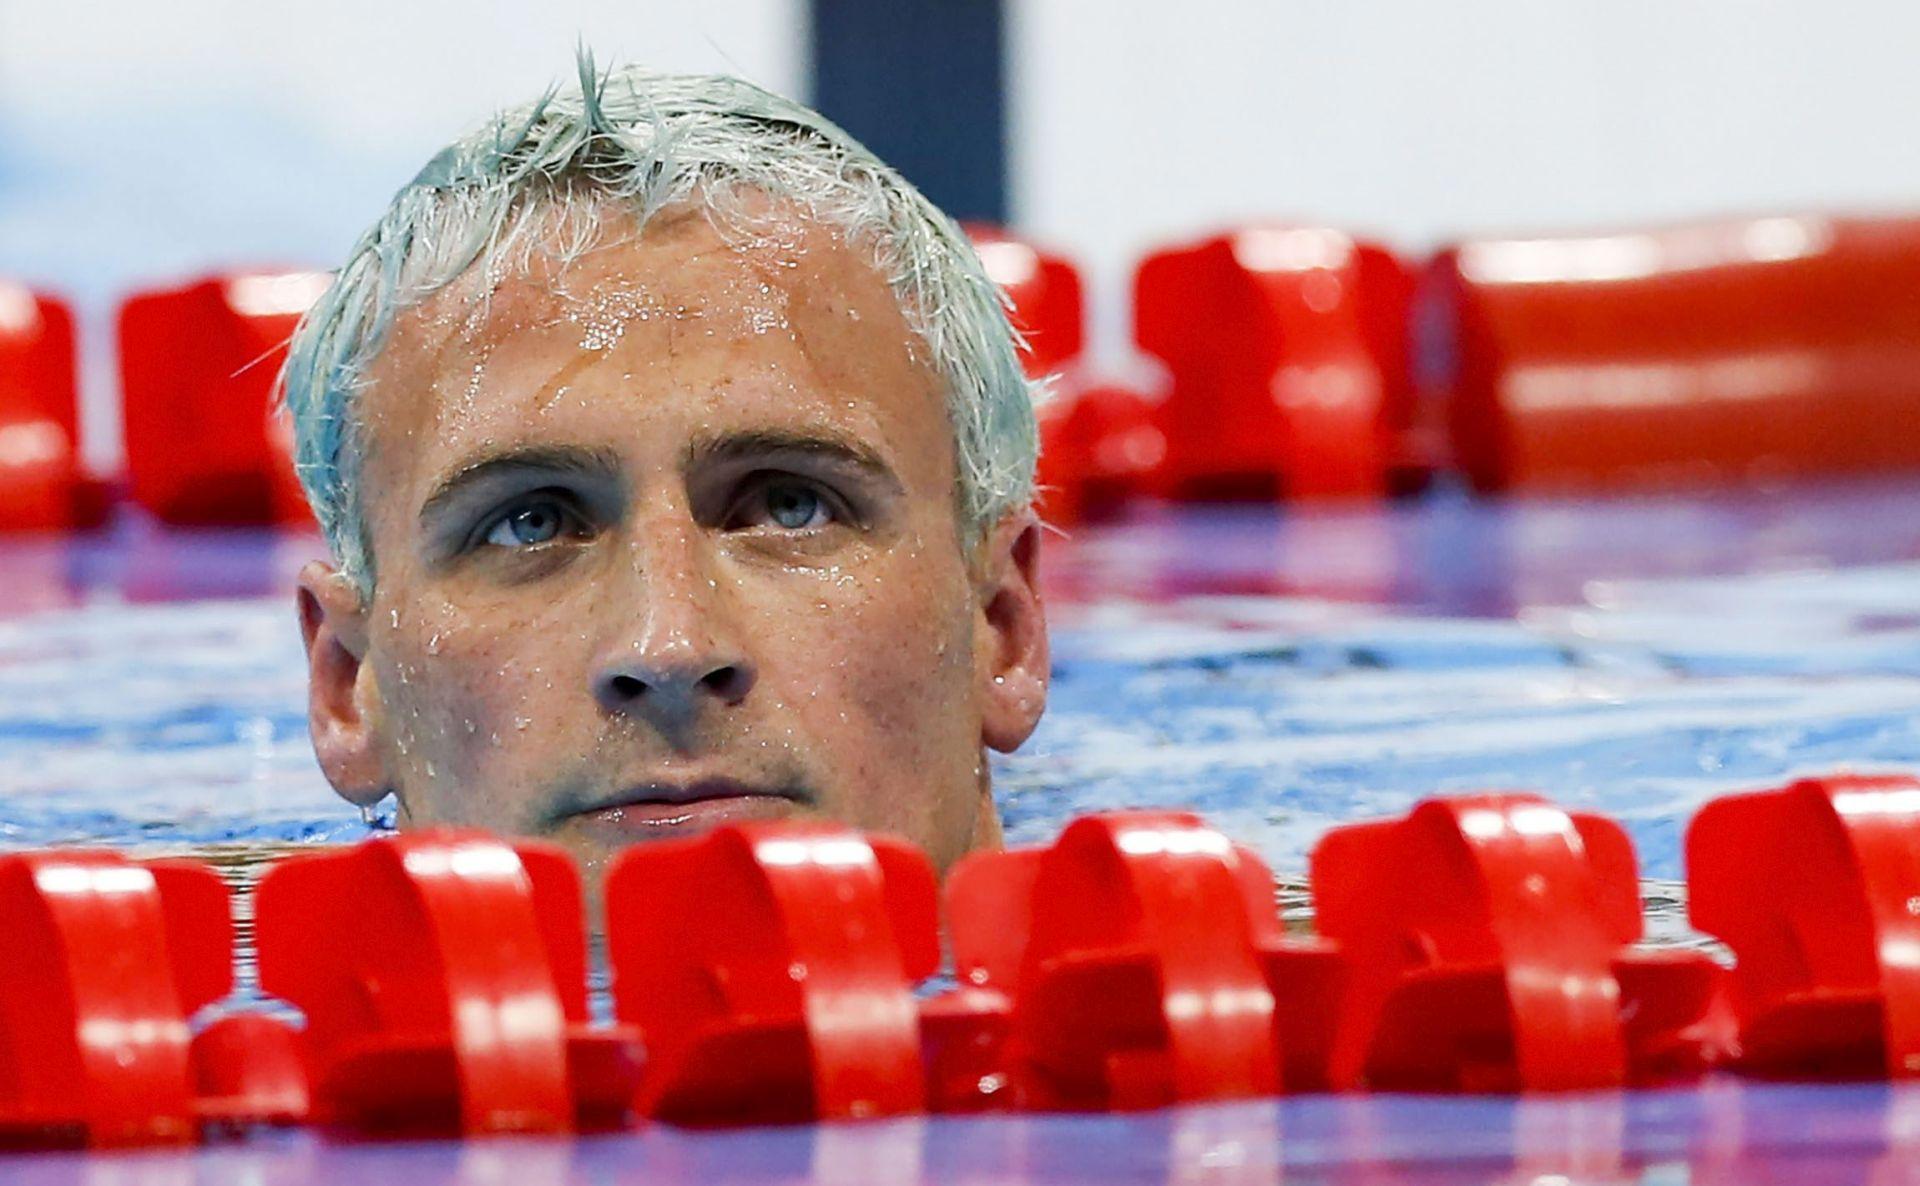 TVRDILI DA SU OPLJAČKANI Američki olimpijski odbor ispričao se zbog 'nedopustivog ponašanja' plivača